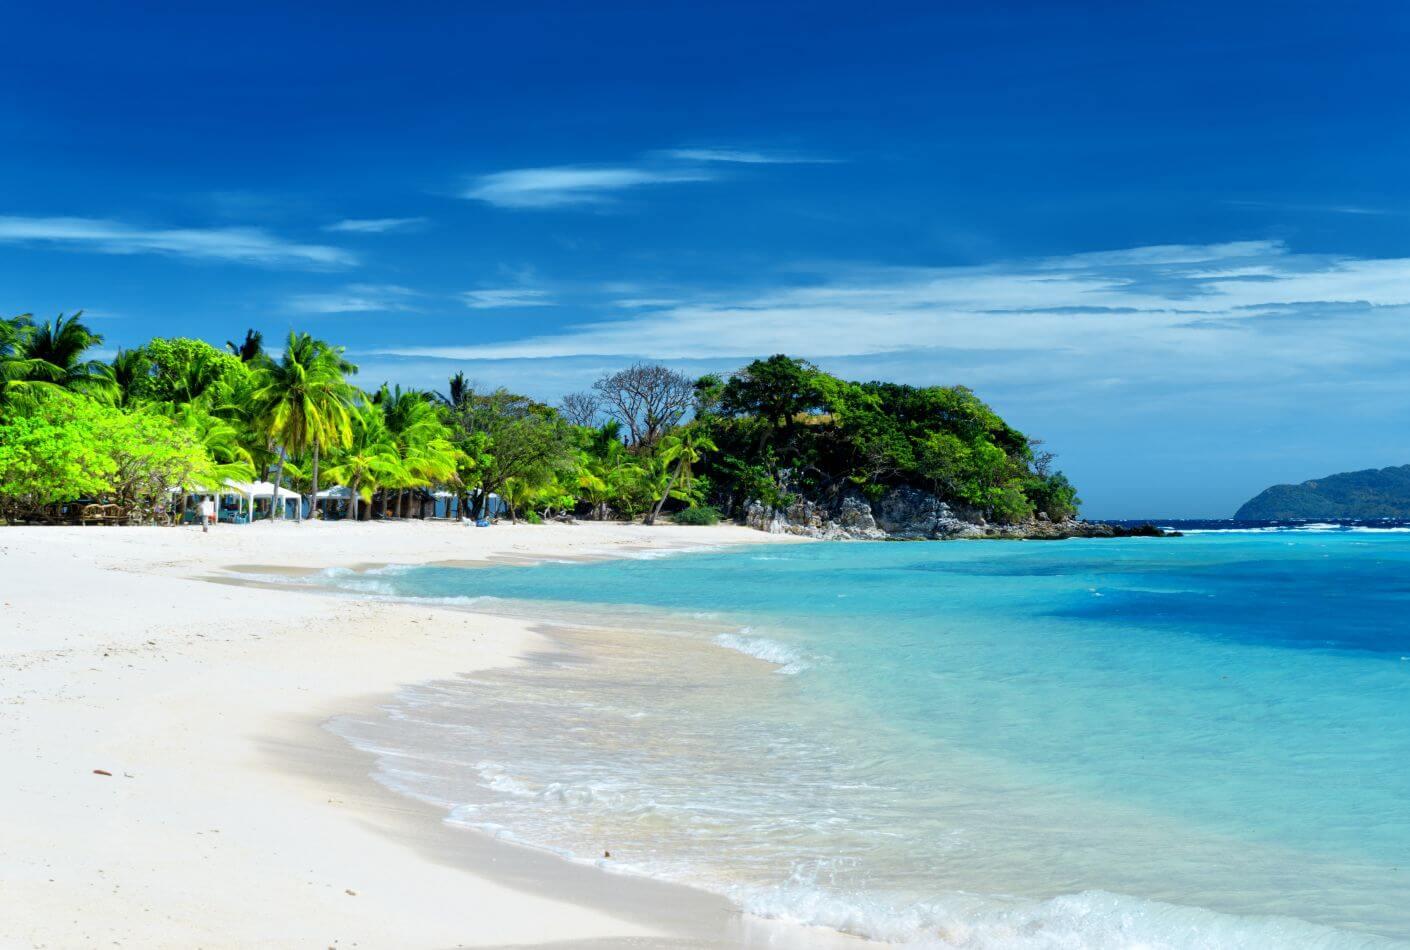 Que ver, hacer y visitar en Malcapuya Island